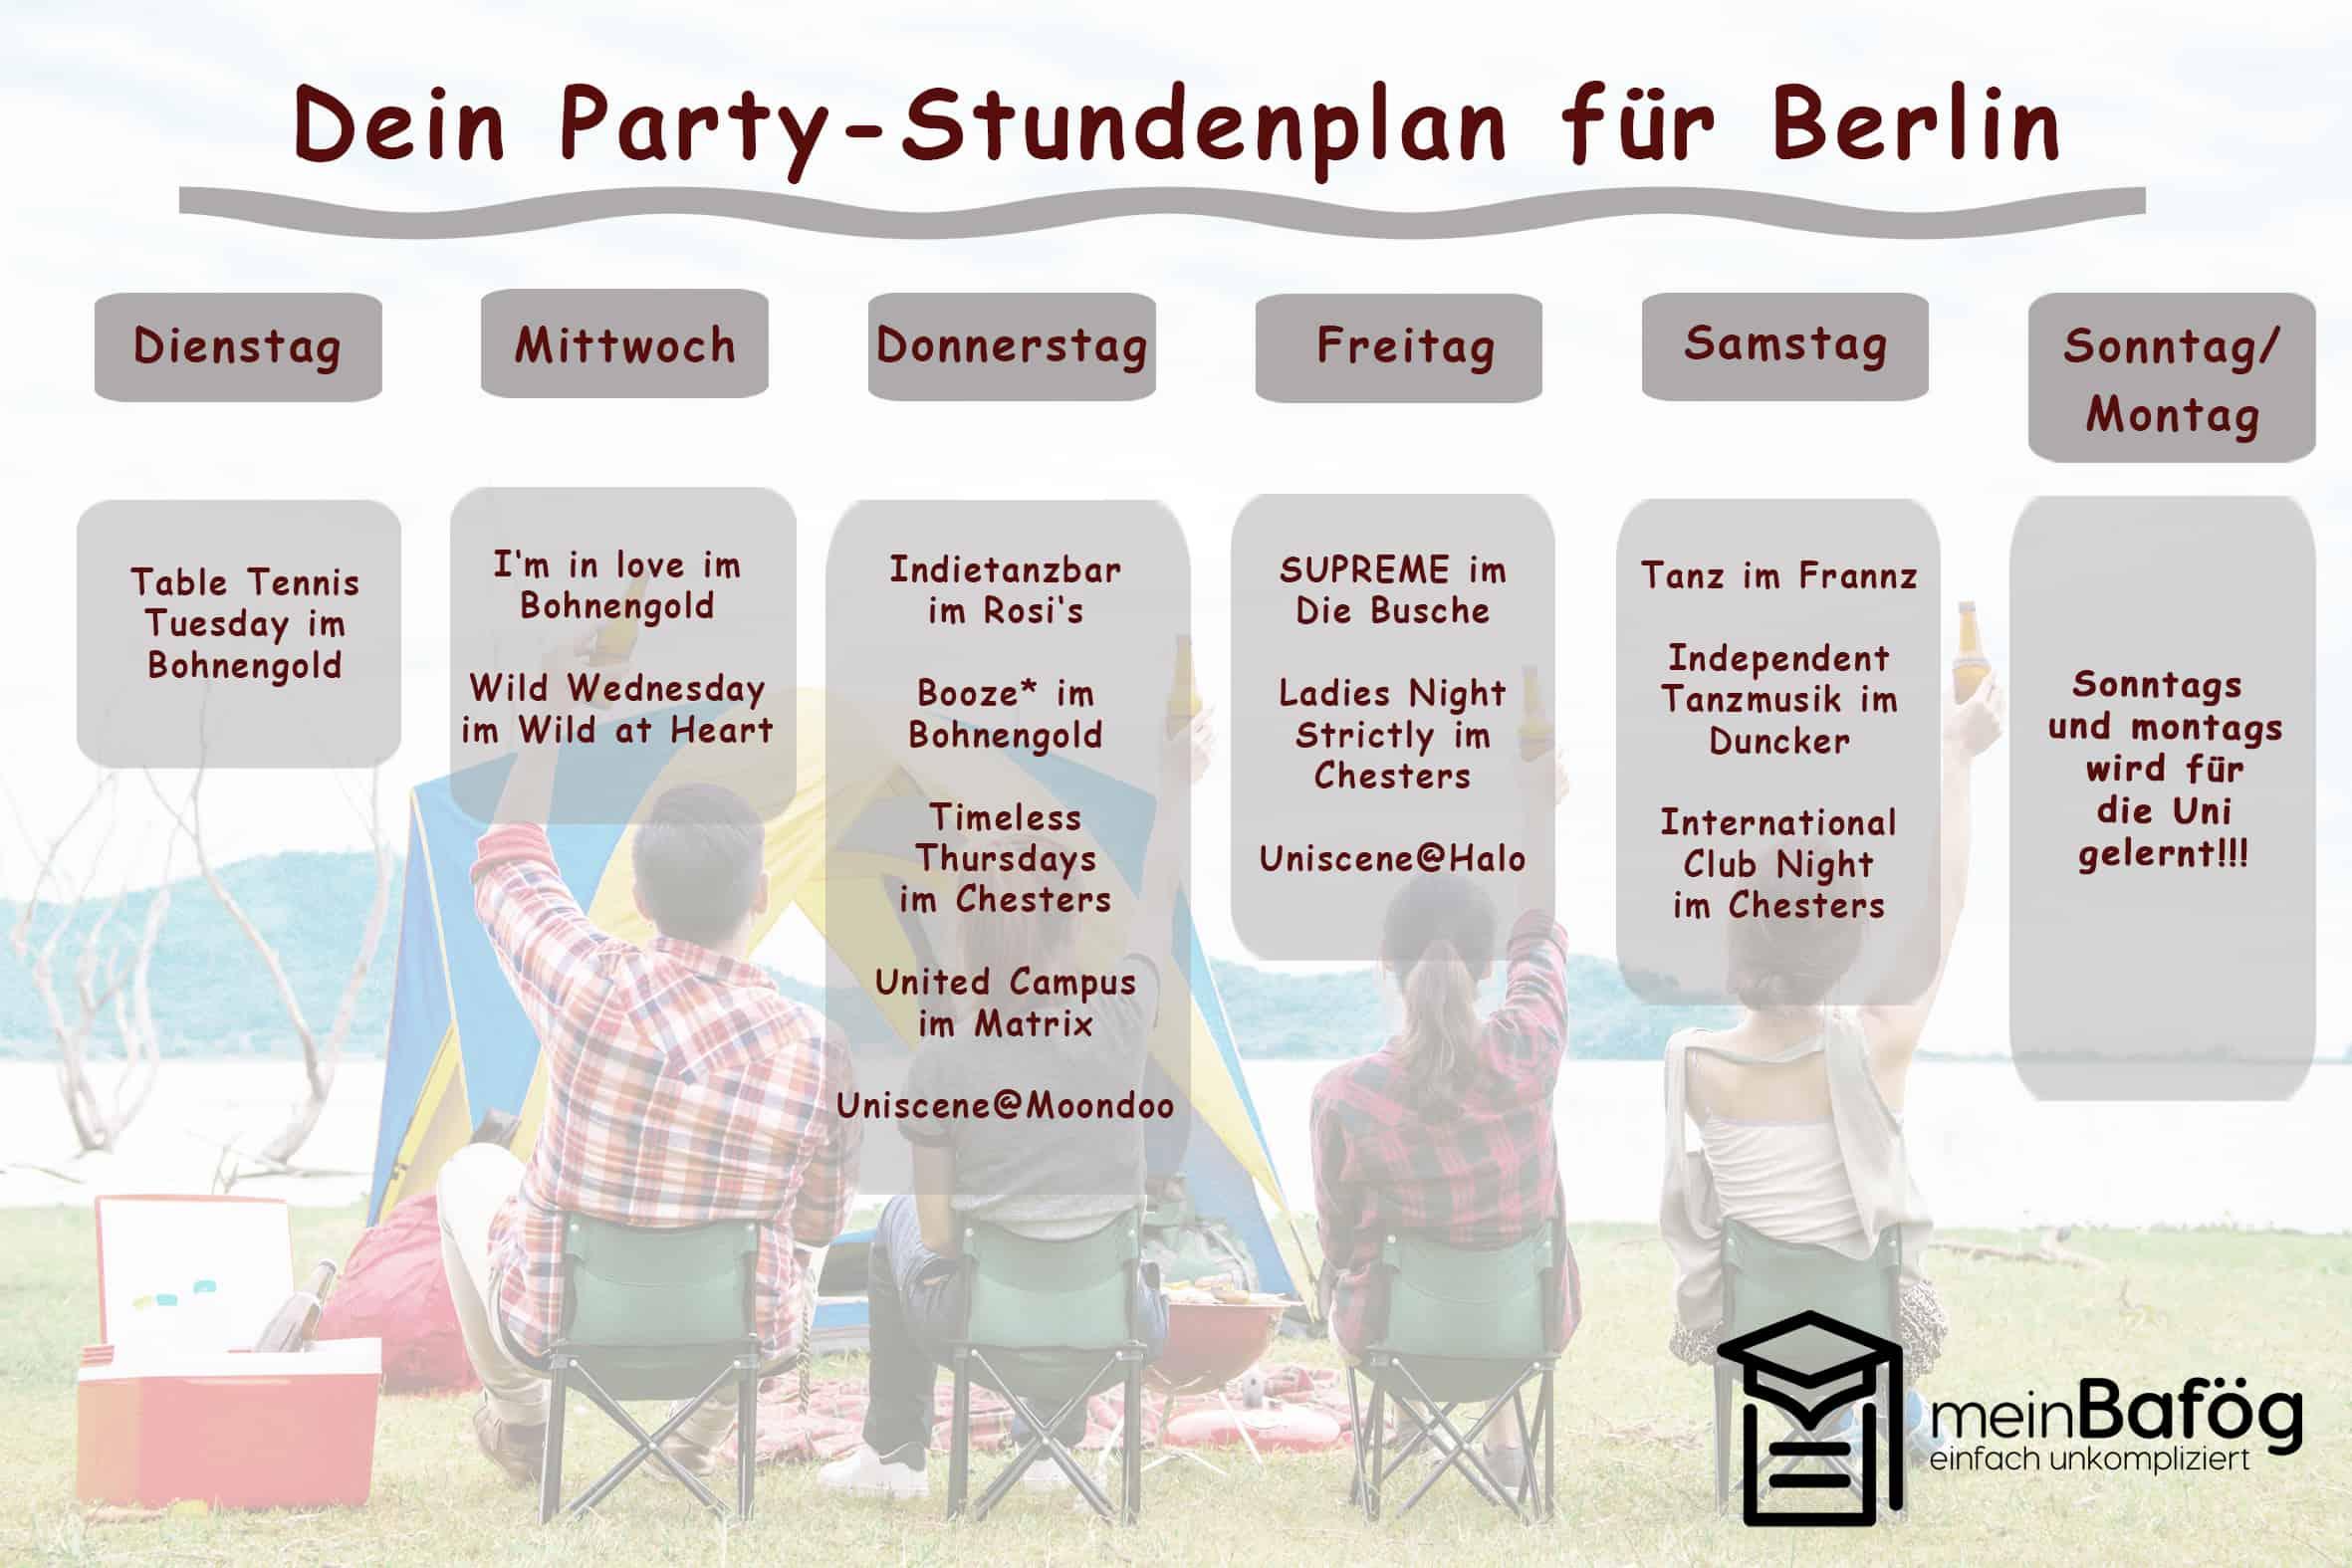 Die besten Tipps für günstiges Ausgehen und Party in Berlin, zusammengestellt von meinBafög